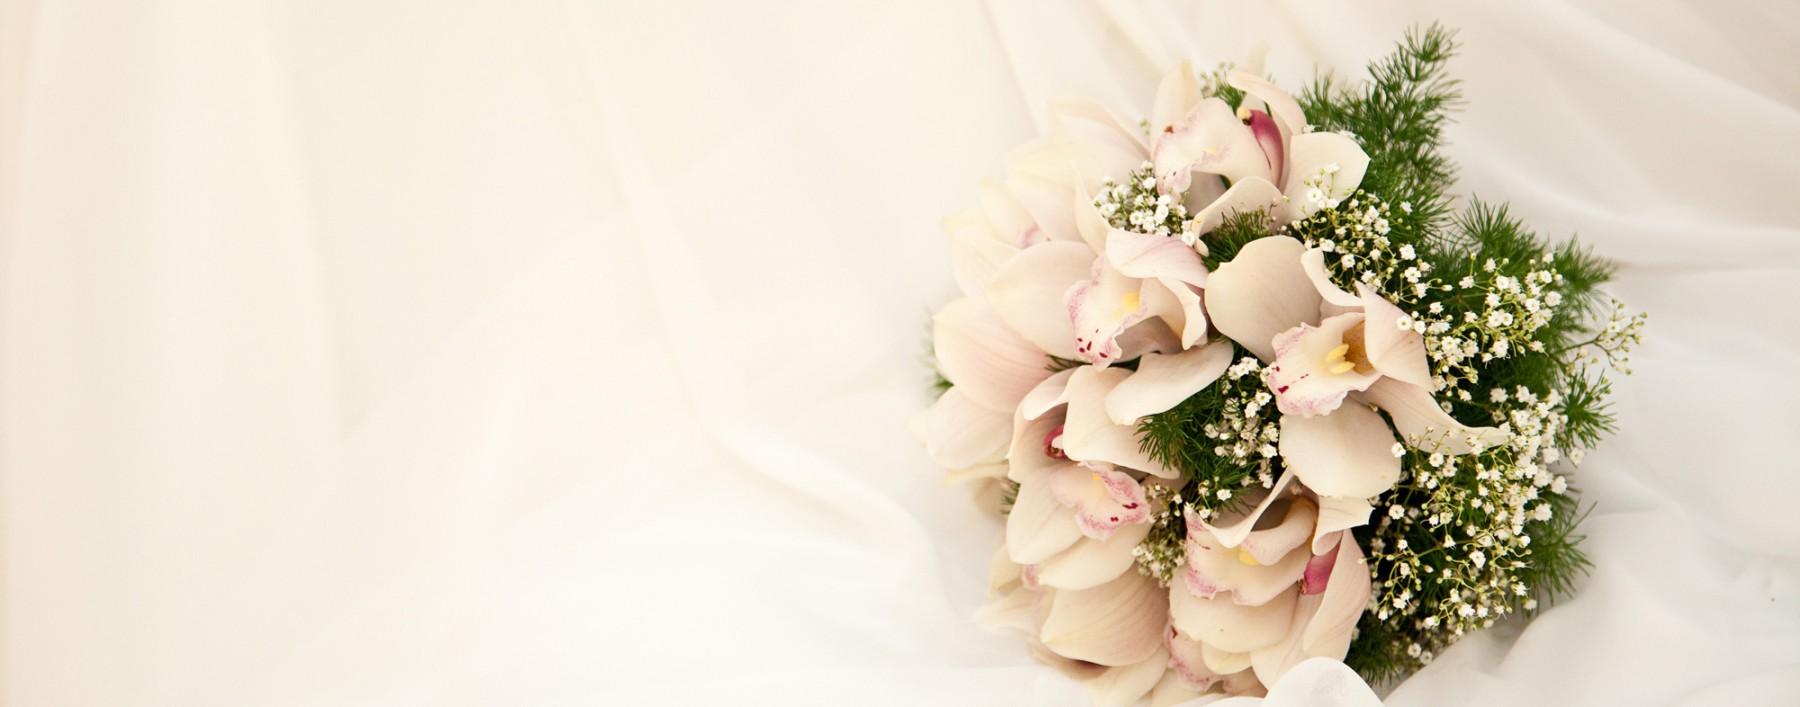 wedding_bouquet_514441